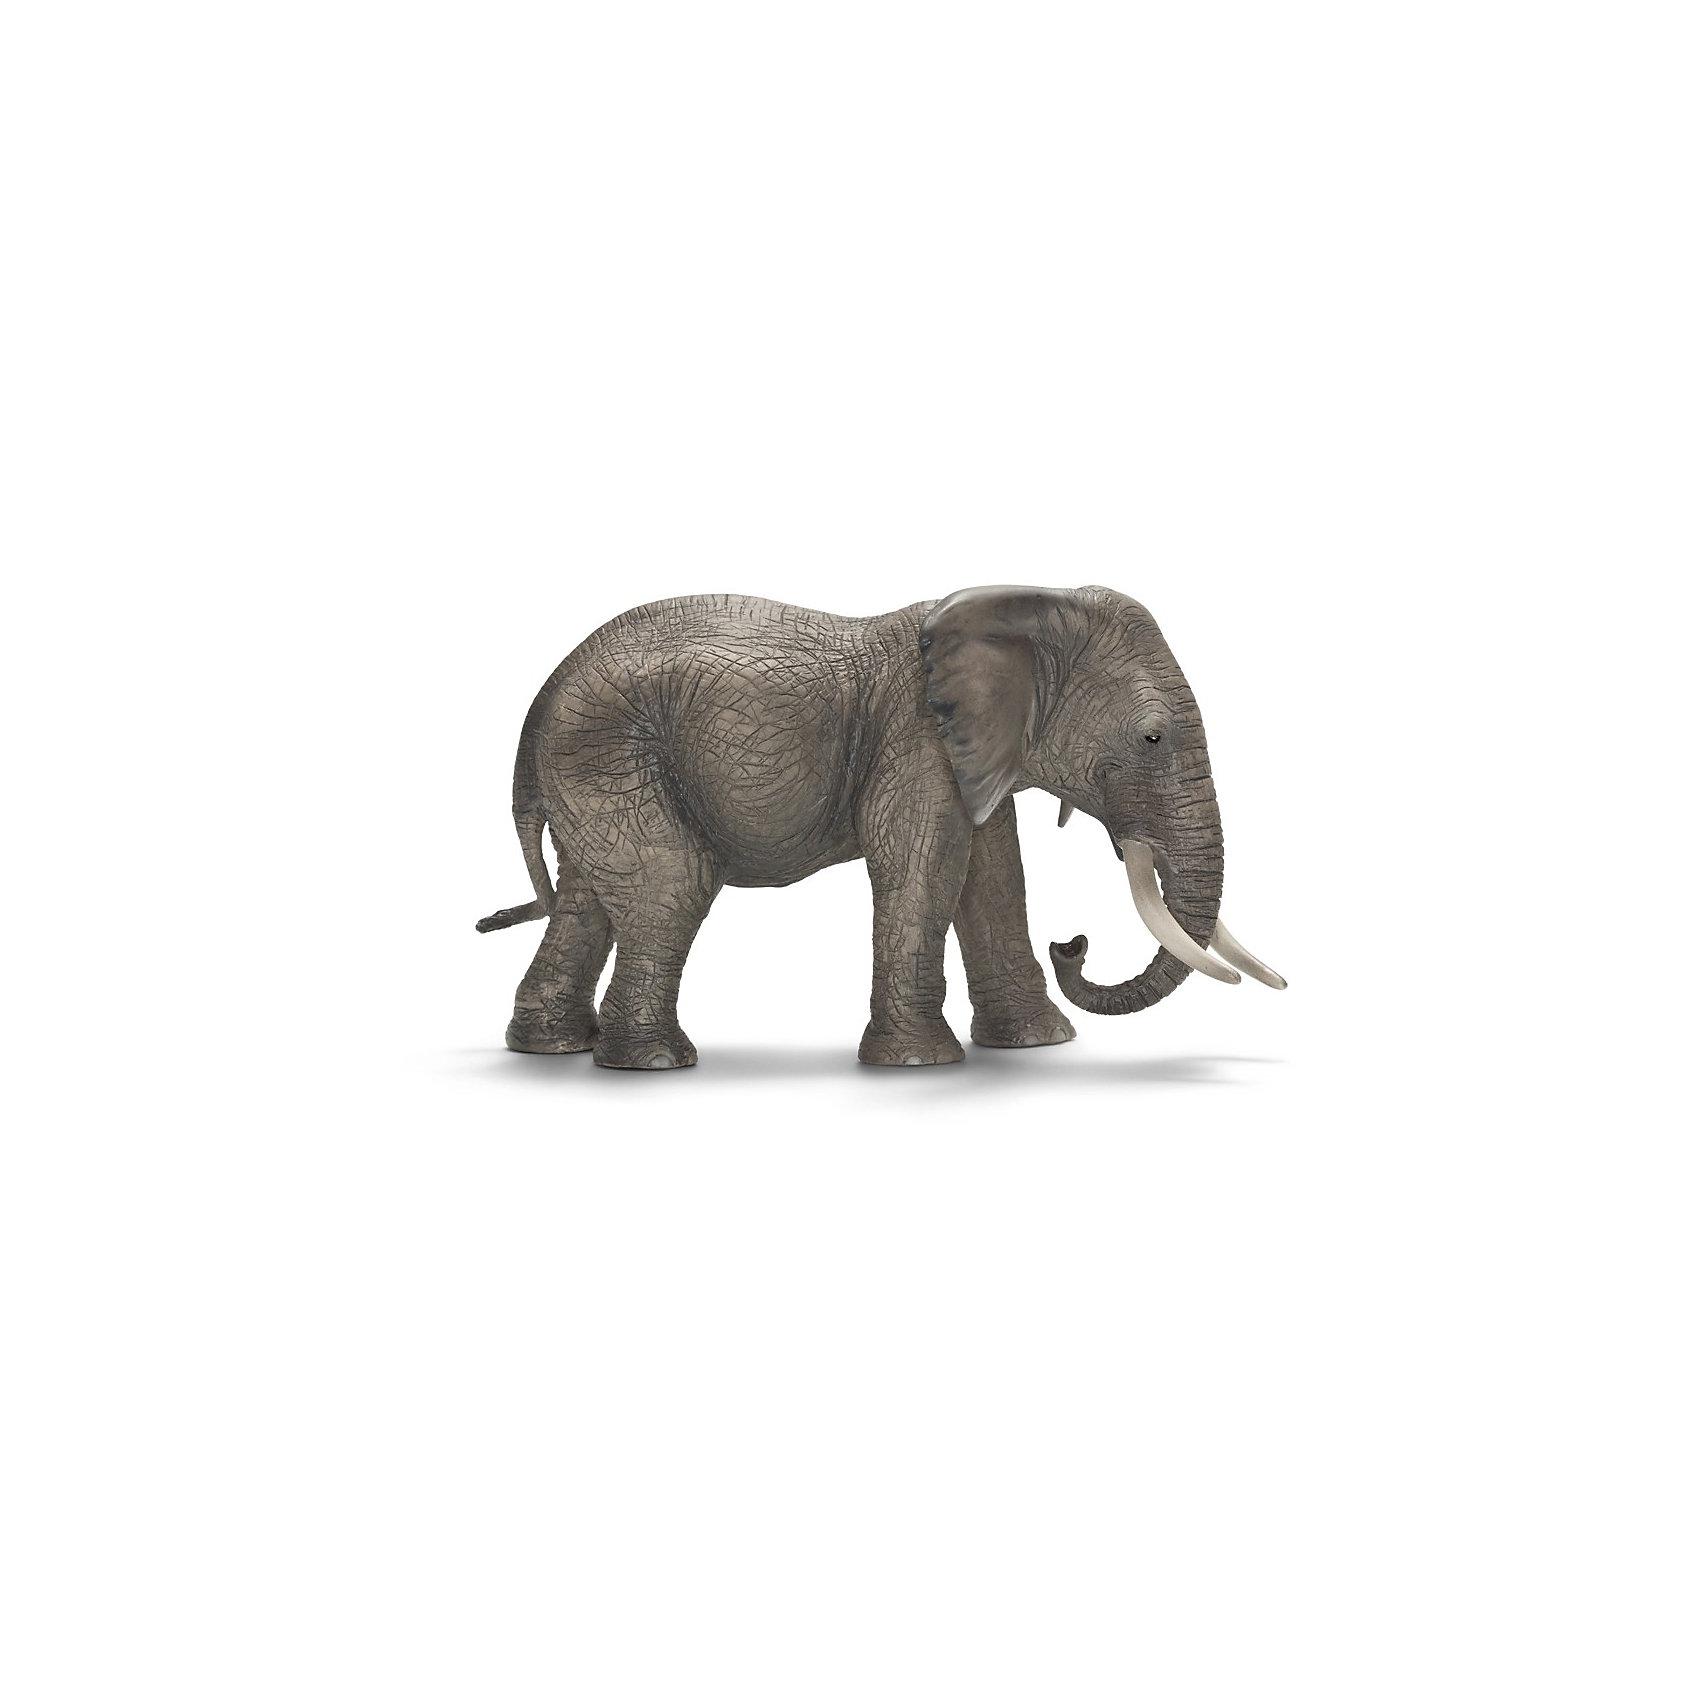 Африканский слон: самка, SchleichАфриканский слон – крупнейший представитель семейства слоновых. Он занесен в «Книгу рекордов Гиннесса» как самое крупное наземное млекопитающее. Длина тела африканского слона достигает 6—7,5 м, высота  2,4—3,5 м. Средняя масса тела самцов африканского слона — 5 тонн. <br>Слоны могут потратить до шестнадцати часов в день в поисках травы, ветвей, фруктов и других растений. Слоны имеют толстую, но эластичную кожу, длинный хобот и два огромных бивня.<br>У африканского слона есть интересная особенность – у африканского слона – 4 пальца на передних ногах и 5 на задних. С помощью своего длинного и гибкого хобота африканские слоны общаются друг с другом через осязание и обоняние. <br><br>Дополнительная информация:<br><br>- Размер товара: 17 ? 8.5 ? 9.5 см<br>- Материал: каучуковый пластик<br><br>Фигурку Африканского слона: самку, Schleich (Шляйх) можно купить в нашем магазине.<br><br>Ширина мм: 178<br>Глубина мм: 116<br>Высота мм: 76<br>Вес г: 320<br>Возраст от месяцев: 36<br>Возраст до месяцев: 96<br>Пол: Унисекс<br>Возраст: Детский<br>SKU: 2381512